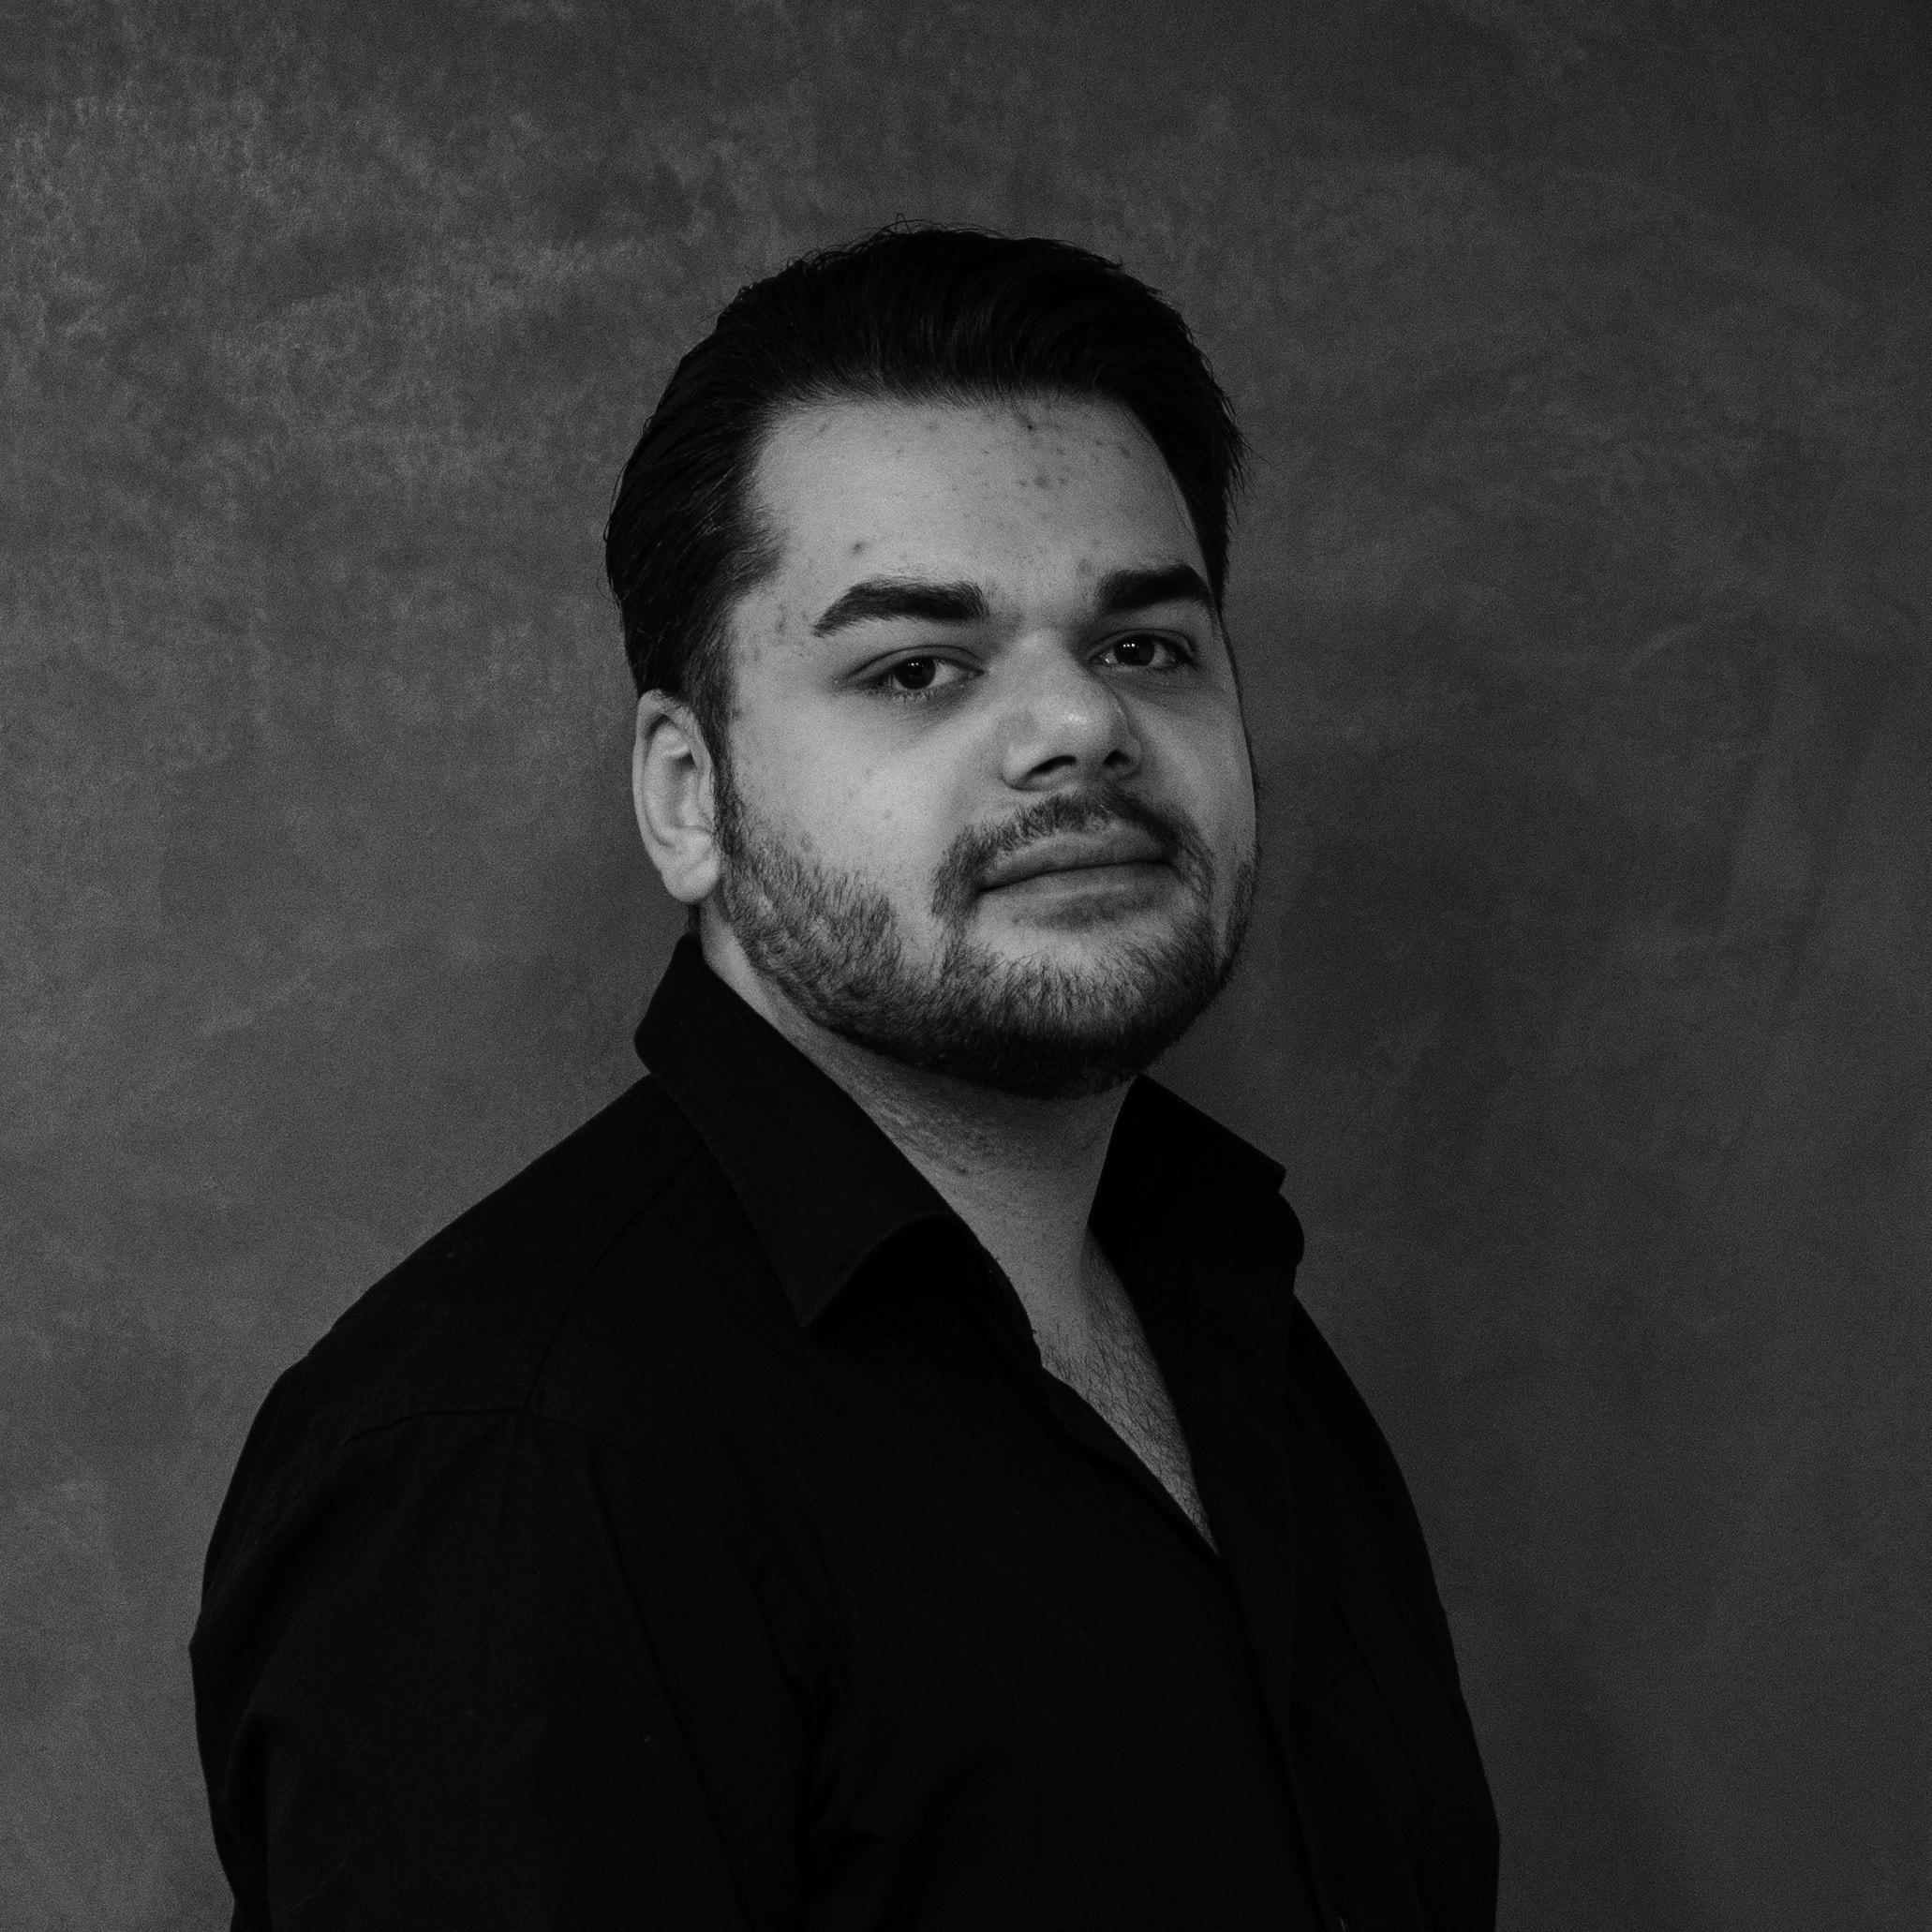 Tim Kaufmann Profilbild schwarz weiß